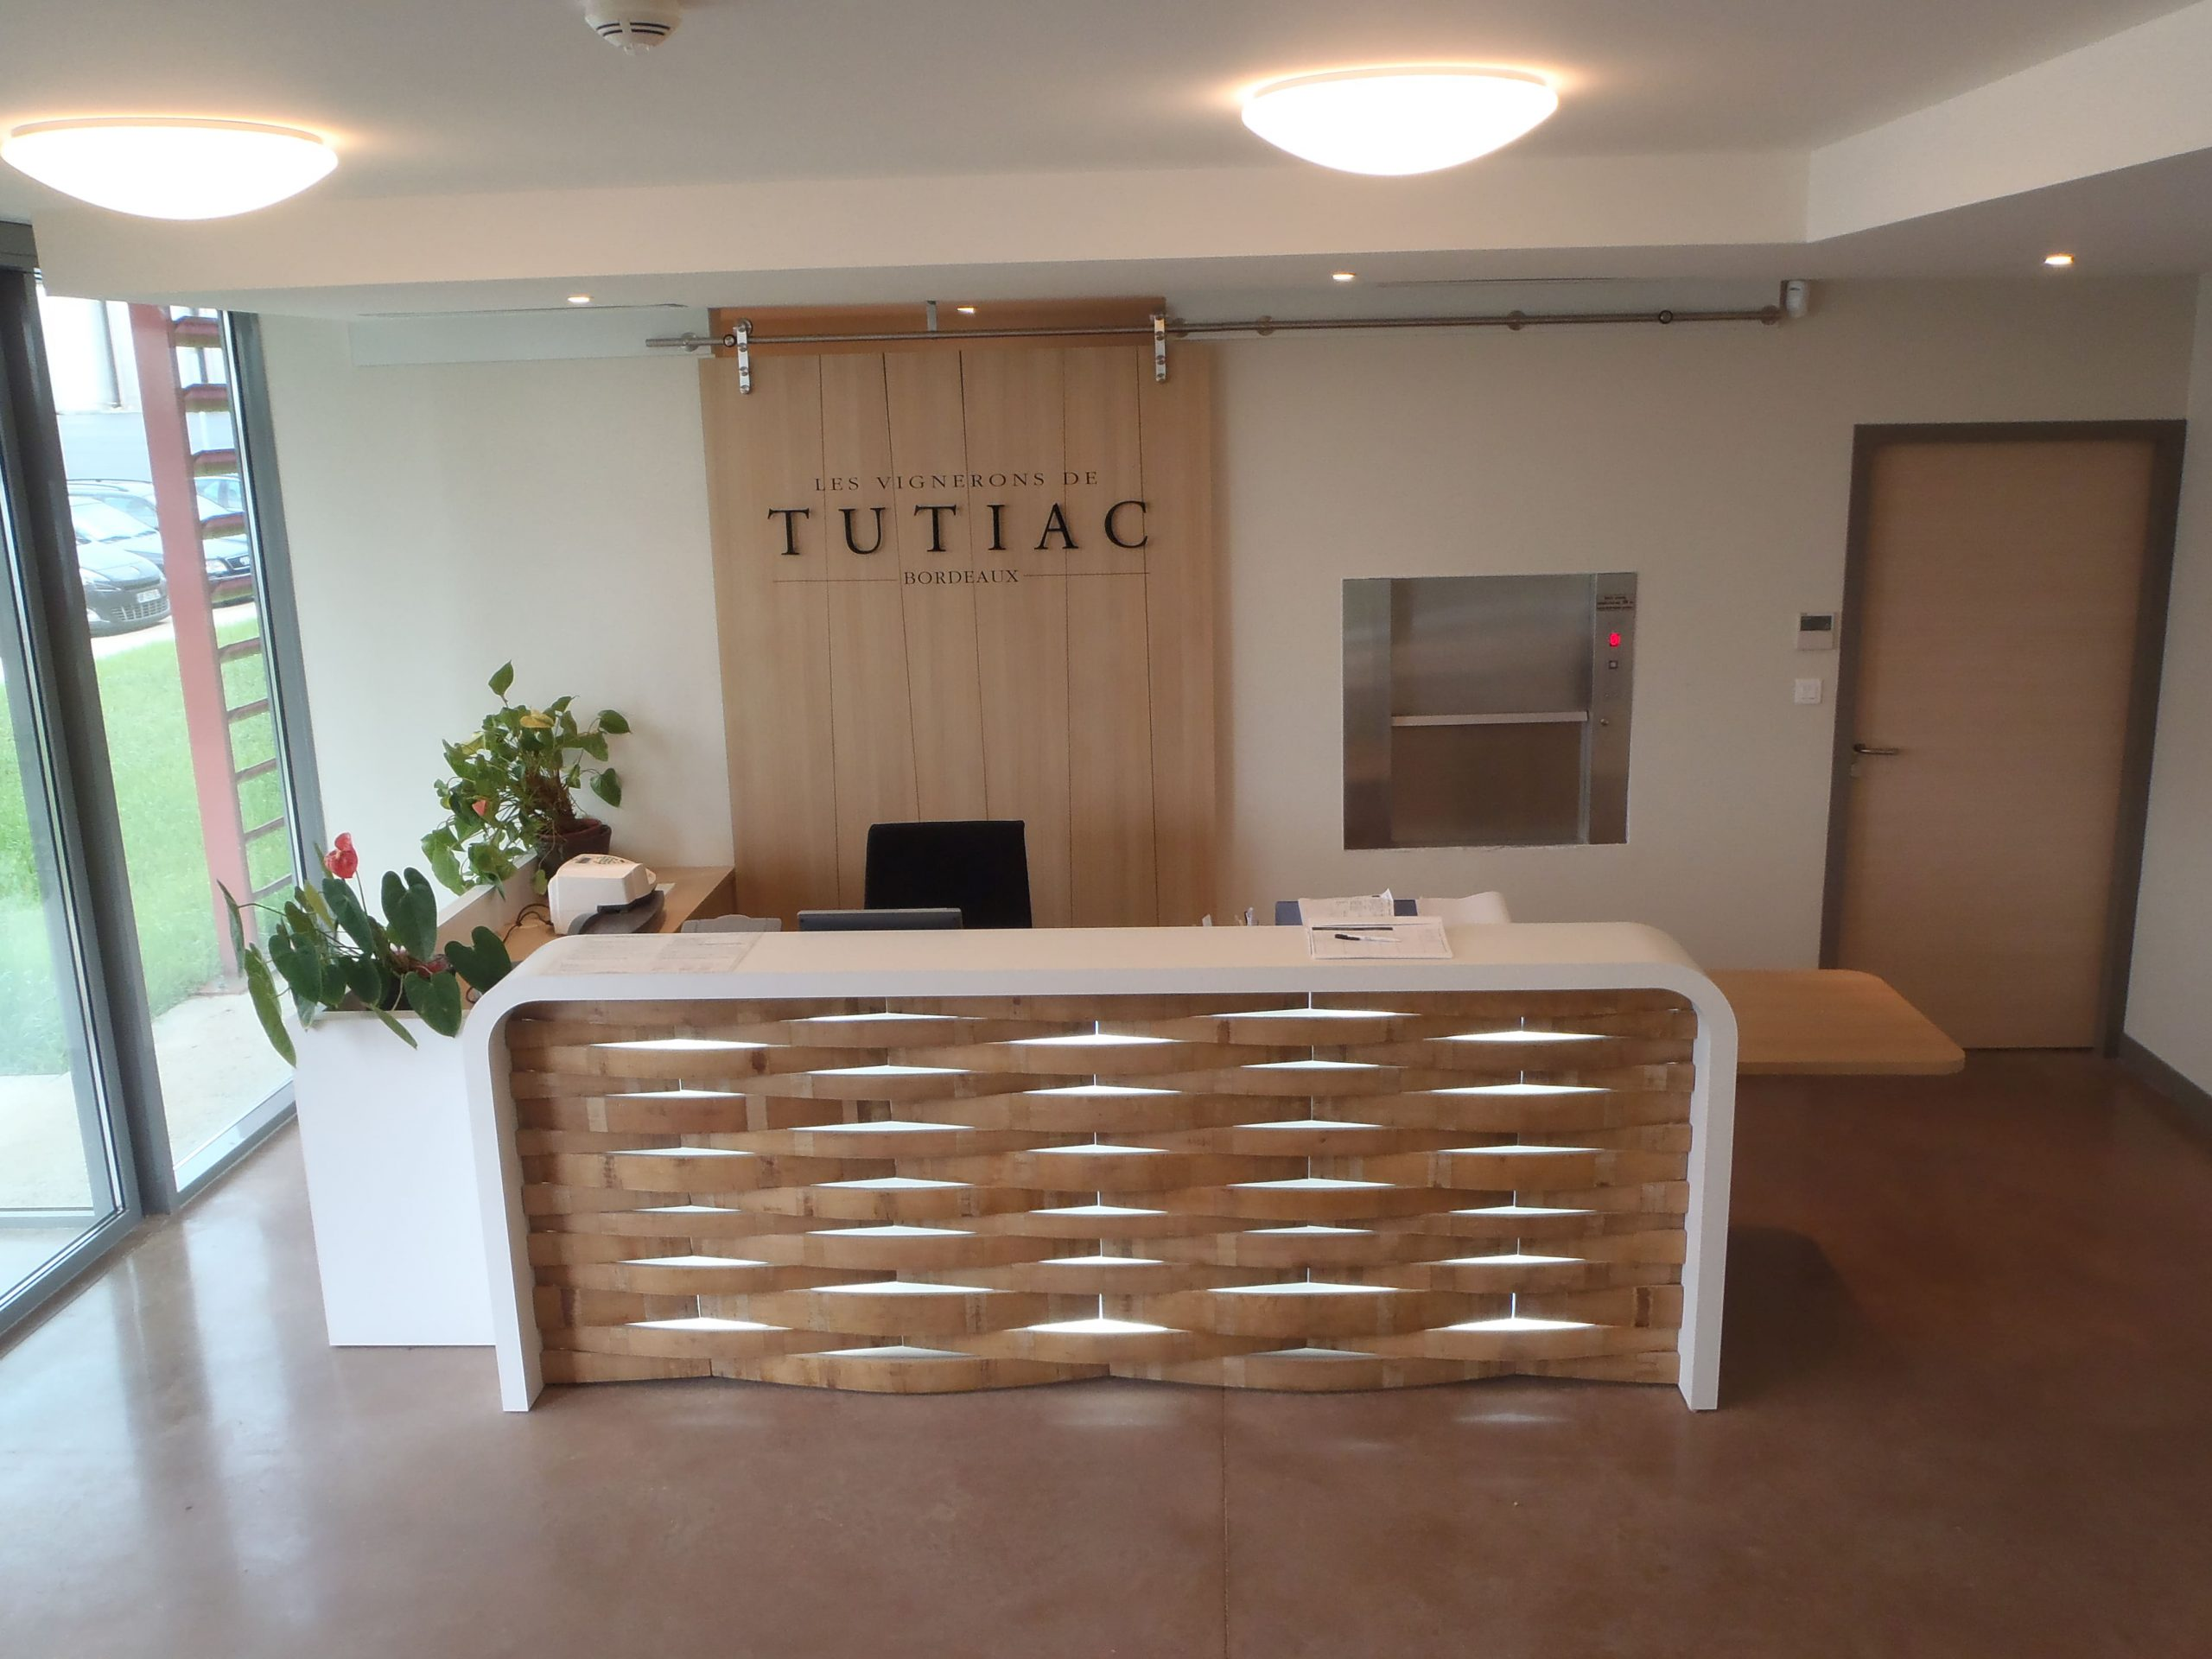 Banque d'accueil Les Vignerons de Tutiac à Marcillac agencé par SAFRA Agencement